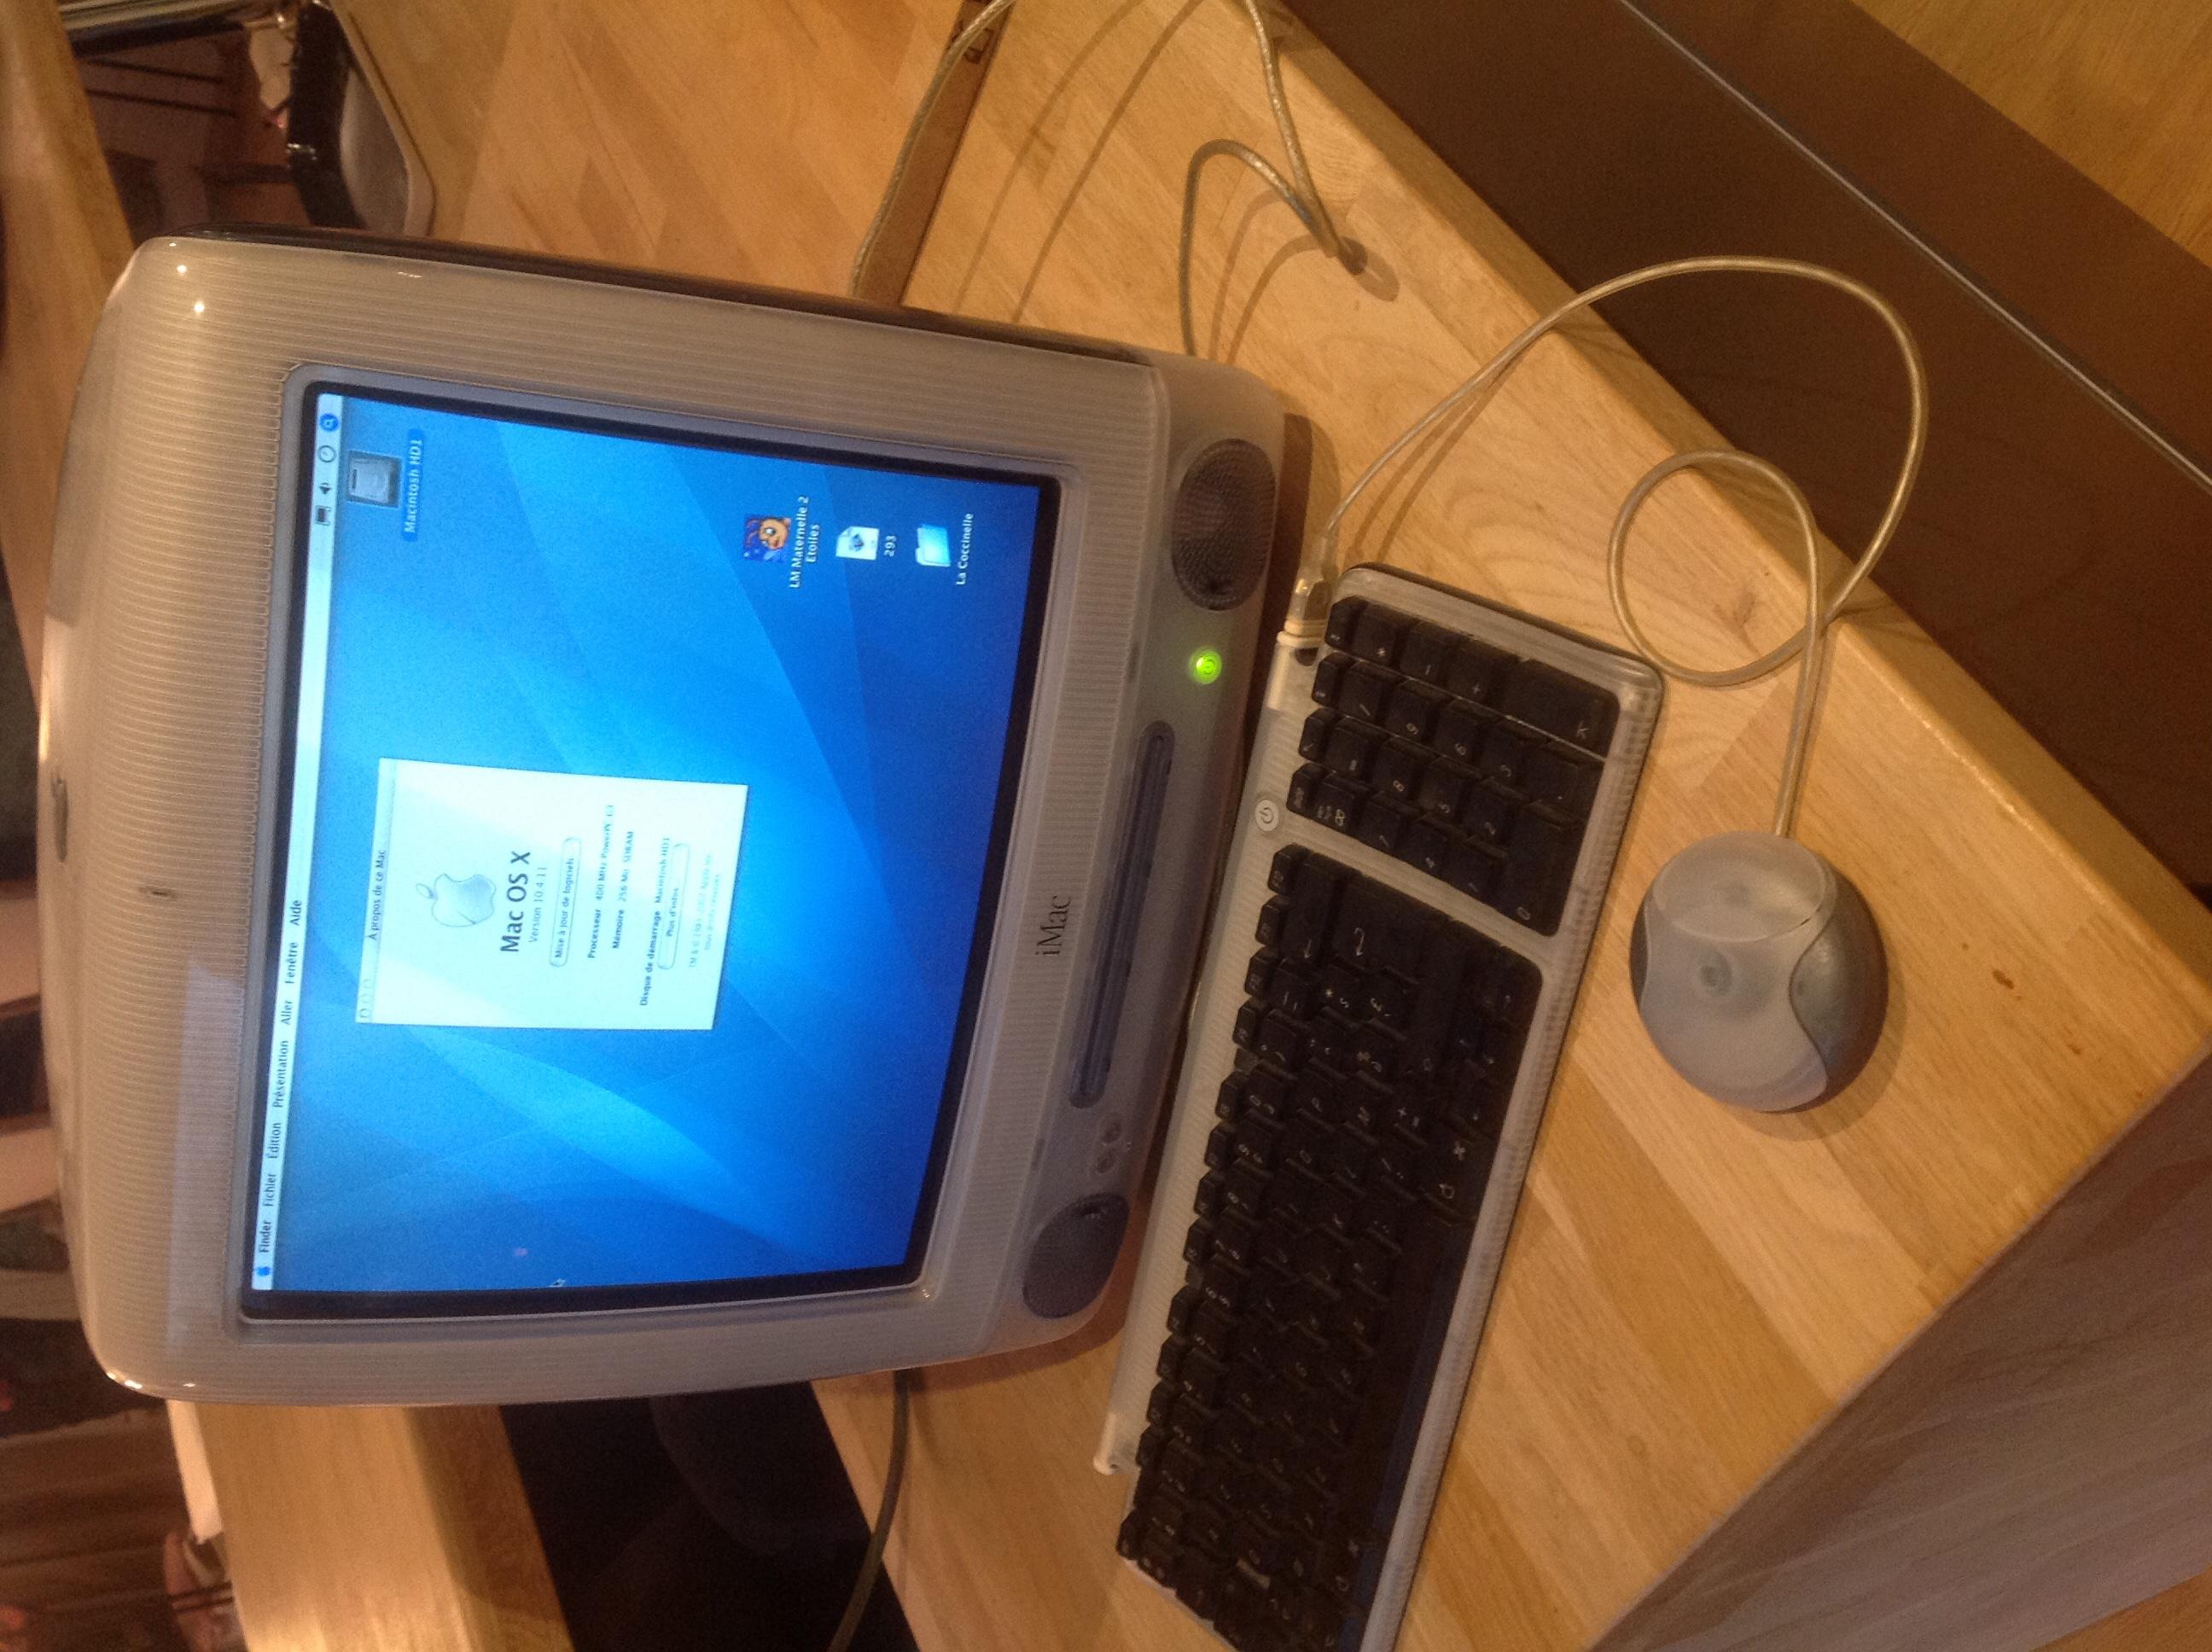 Apple iMac G3 authentique Matériel informatique